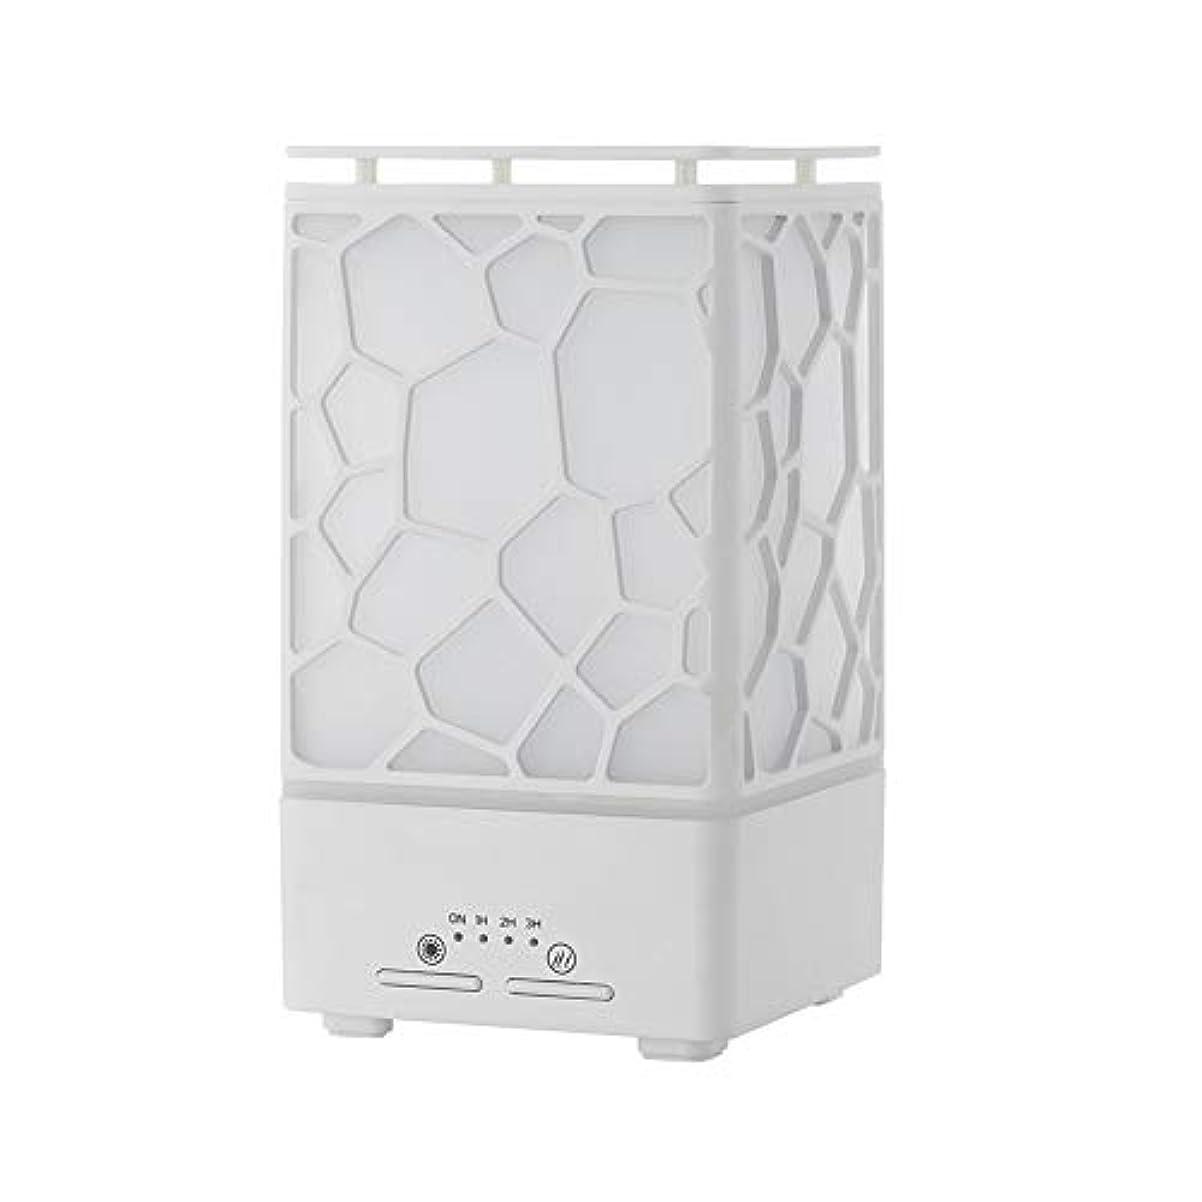 上下する電圧ニッケルデスク ミニ ウォーターキューブ 加湿器,涼しい霧 精油 ディフューザー 超音波式 香り 加湿機 時間 7 色 ホーム Yoga スパ オフィス- 200ml